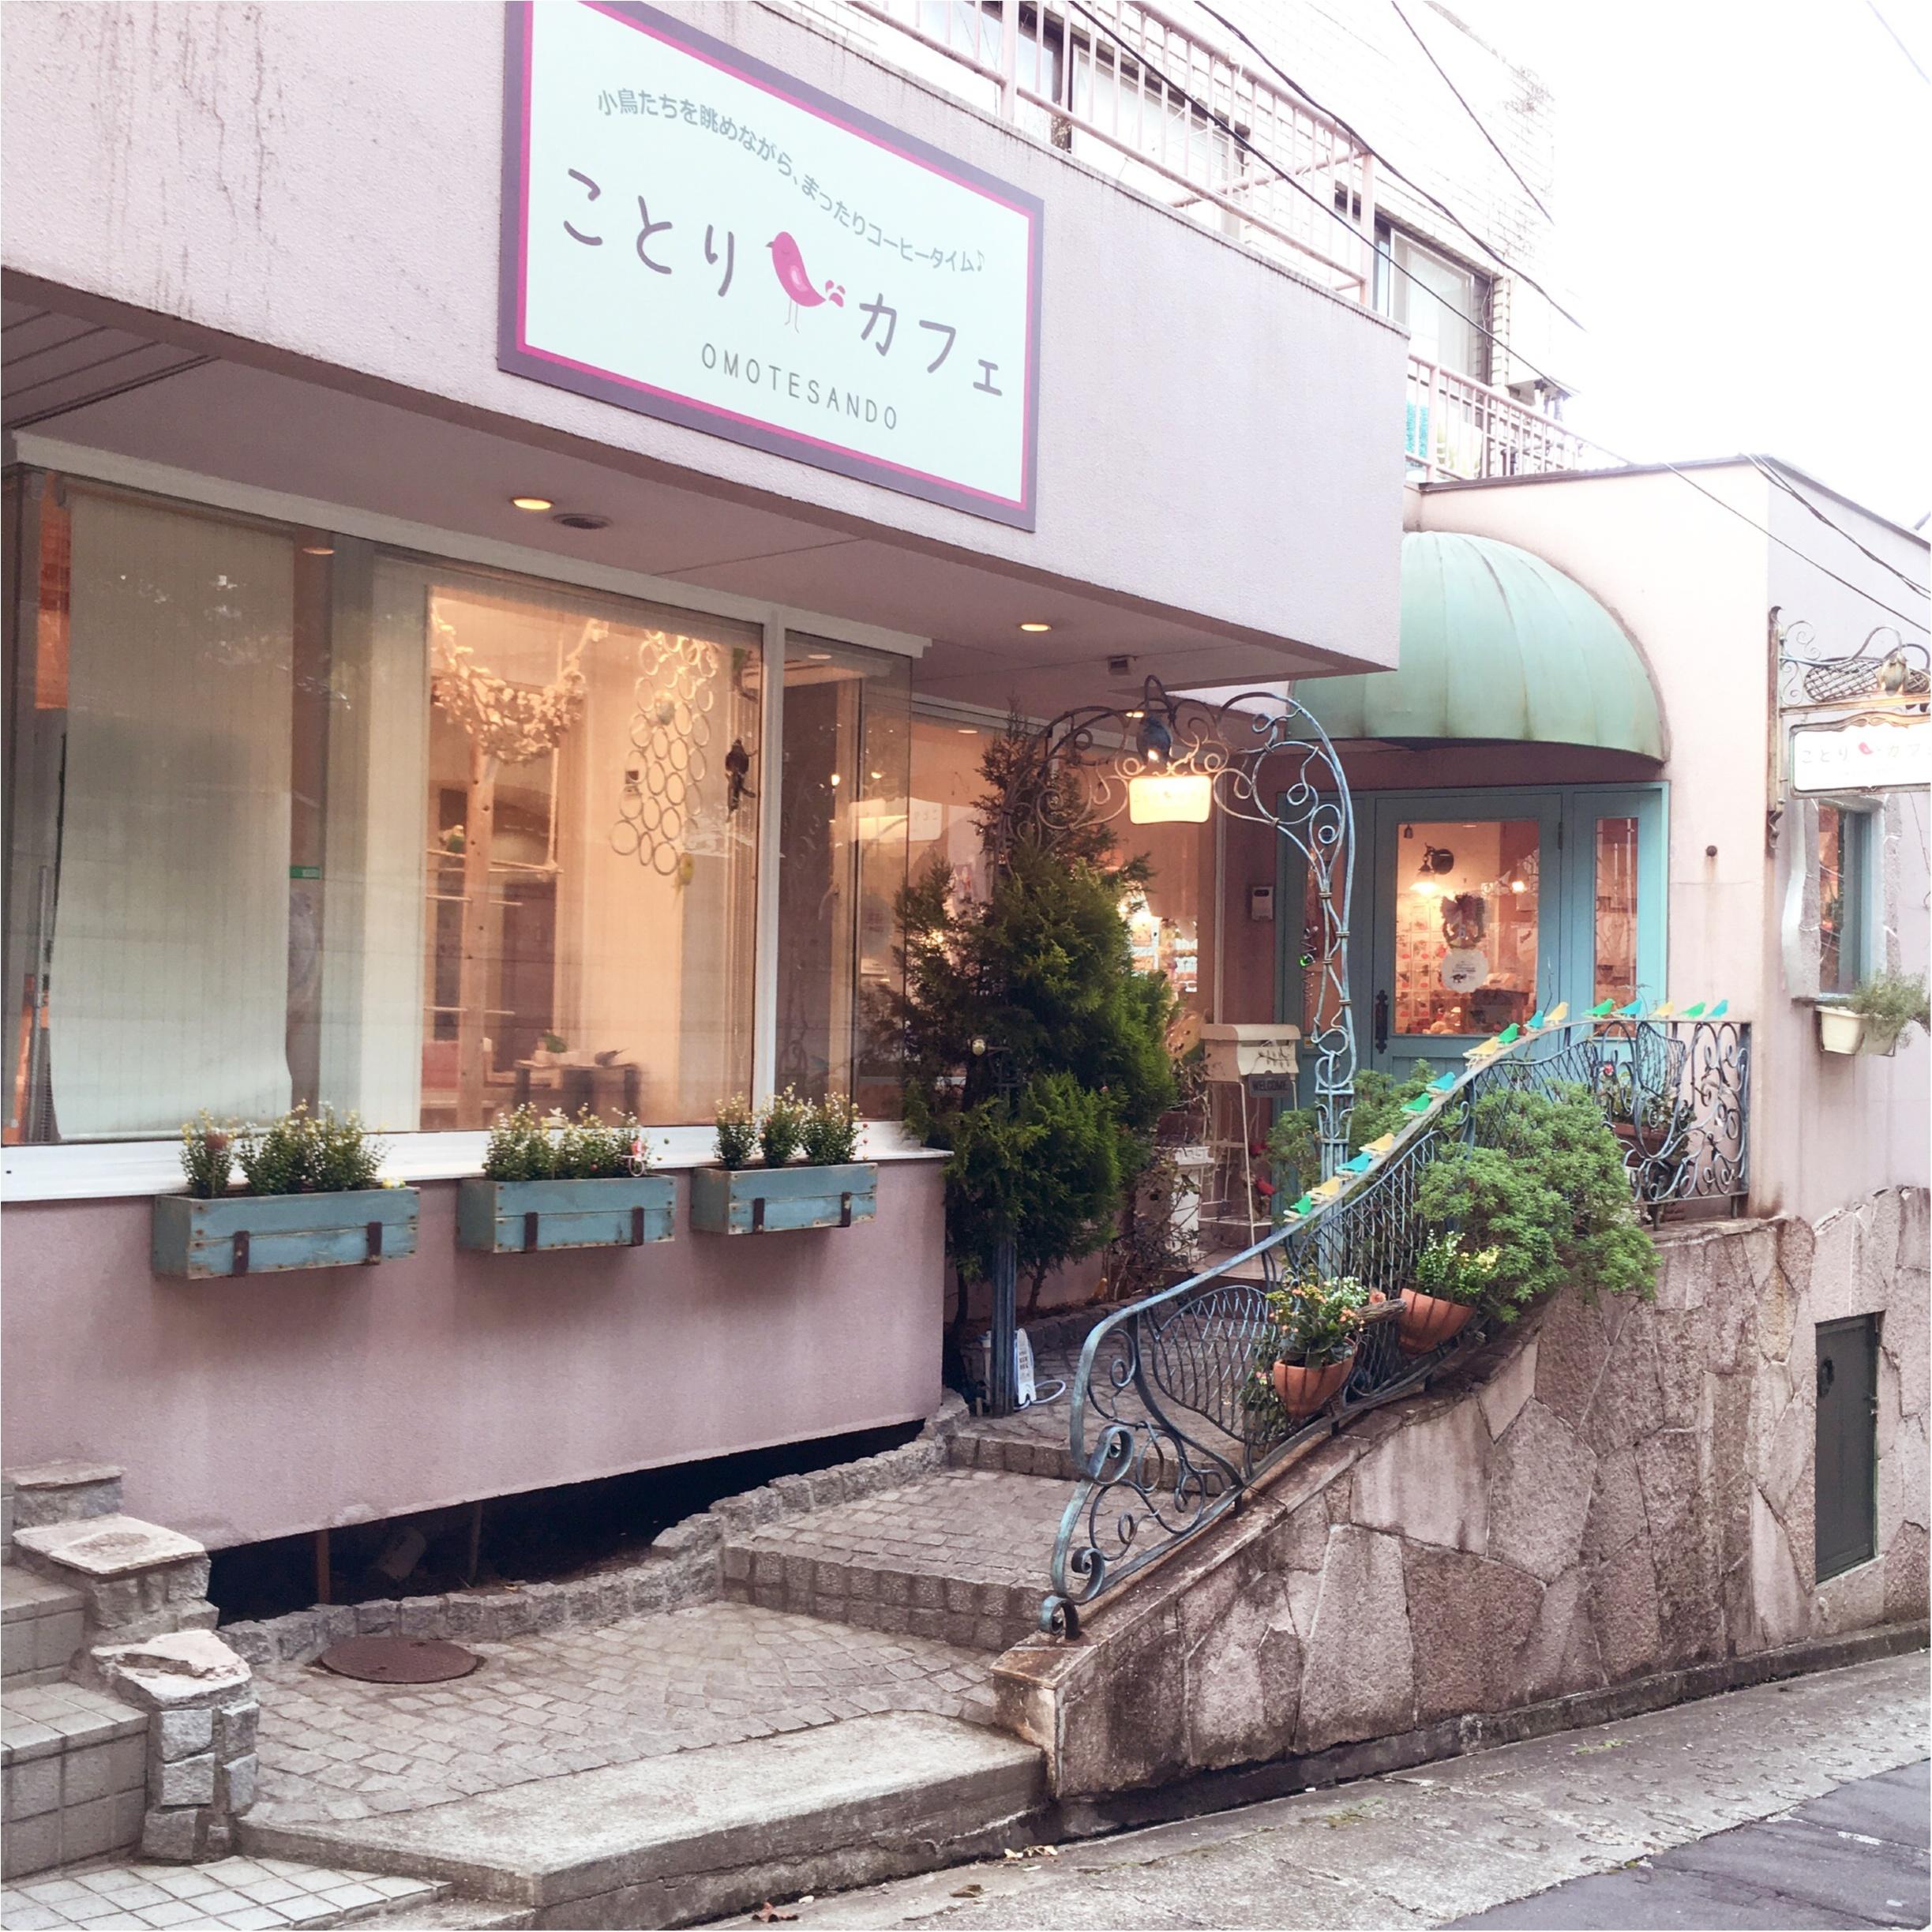 『カピバラさん×ことりカフェ』コラボ♡ことりカフェ表参道店でカピバラさんケーキを食べてきました(﹡´◡`﹡ )_1